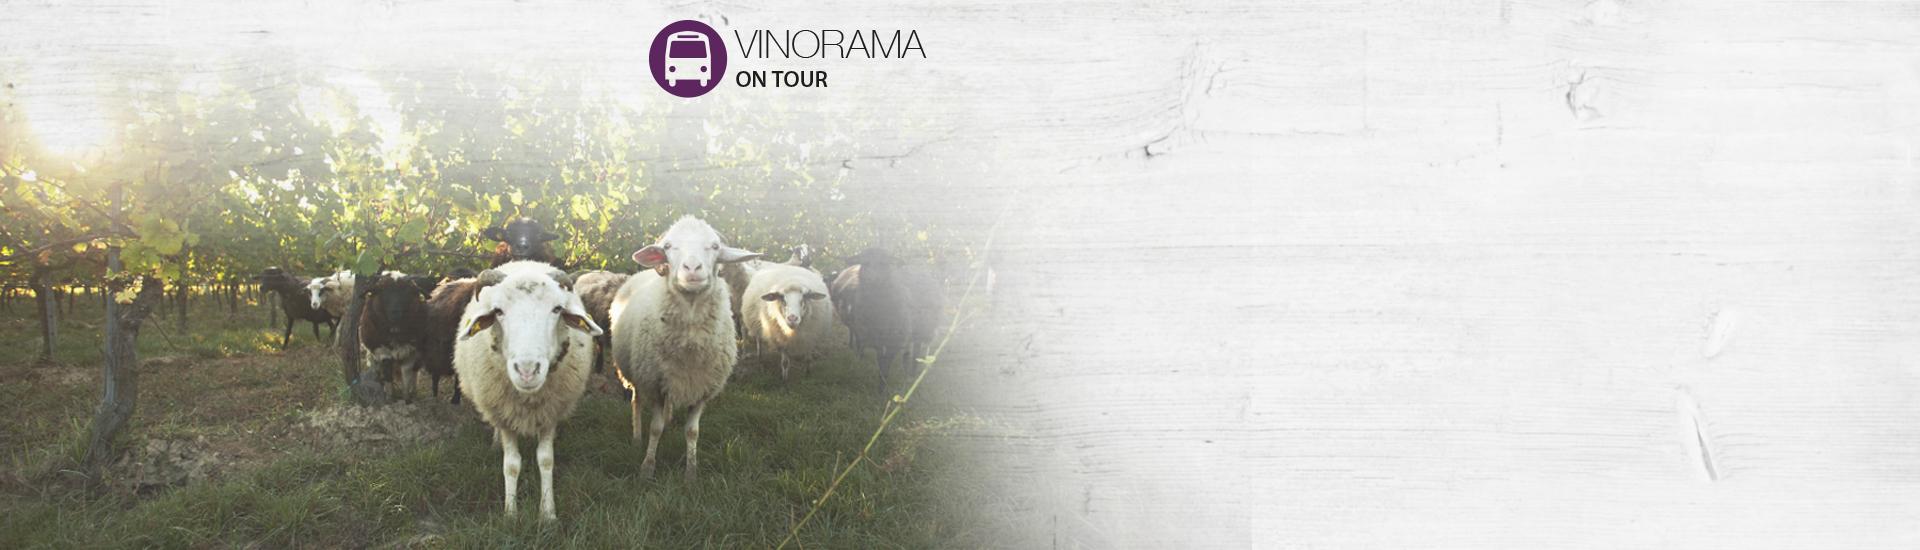 Weine - Vinorama on Tour: Weingüter Loimer, Landauer-Gisperg & Weninger 08/2016 - Slider